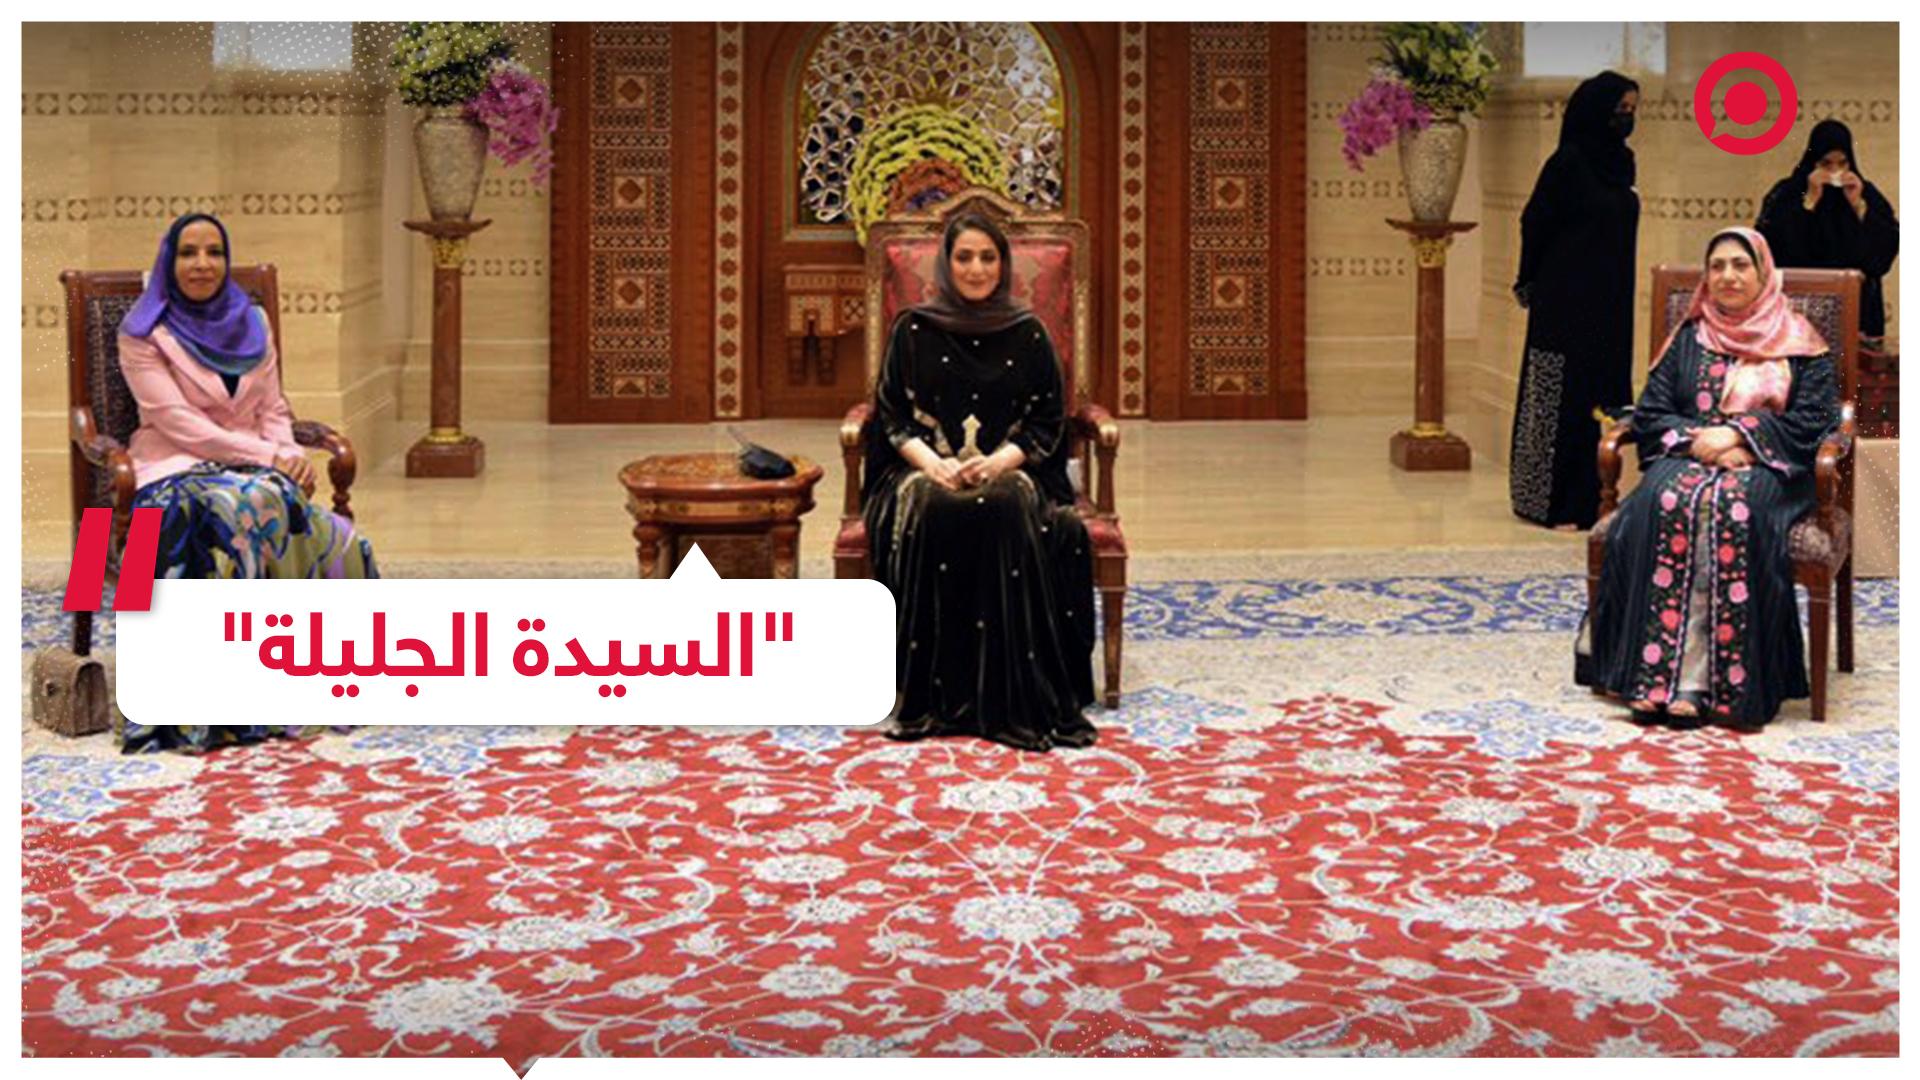 زوجة سلطان عمان تطل للمرة الأولى خلال يوم المرأة العمانية